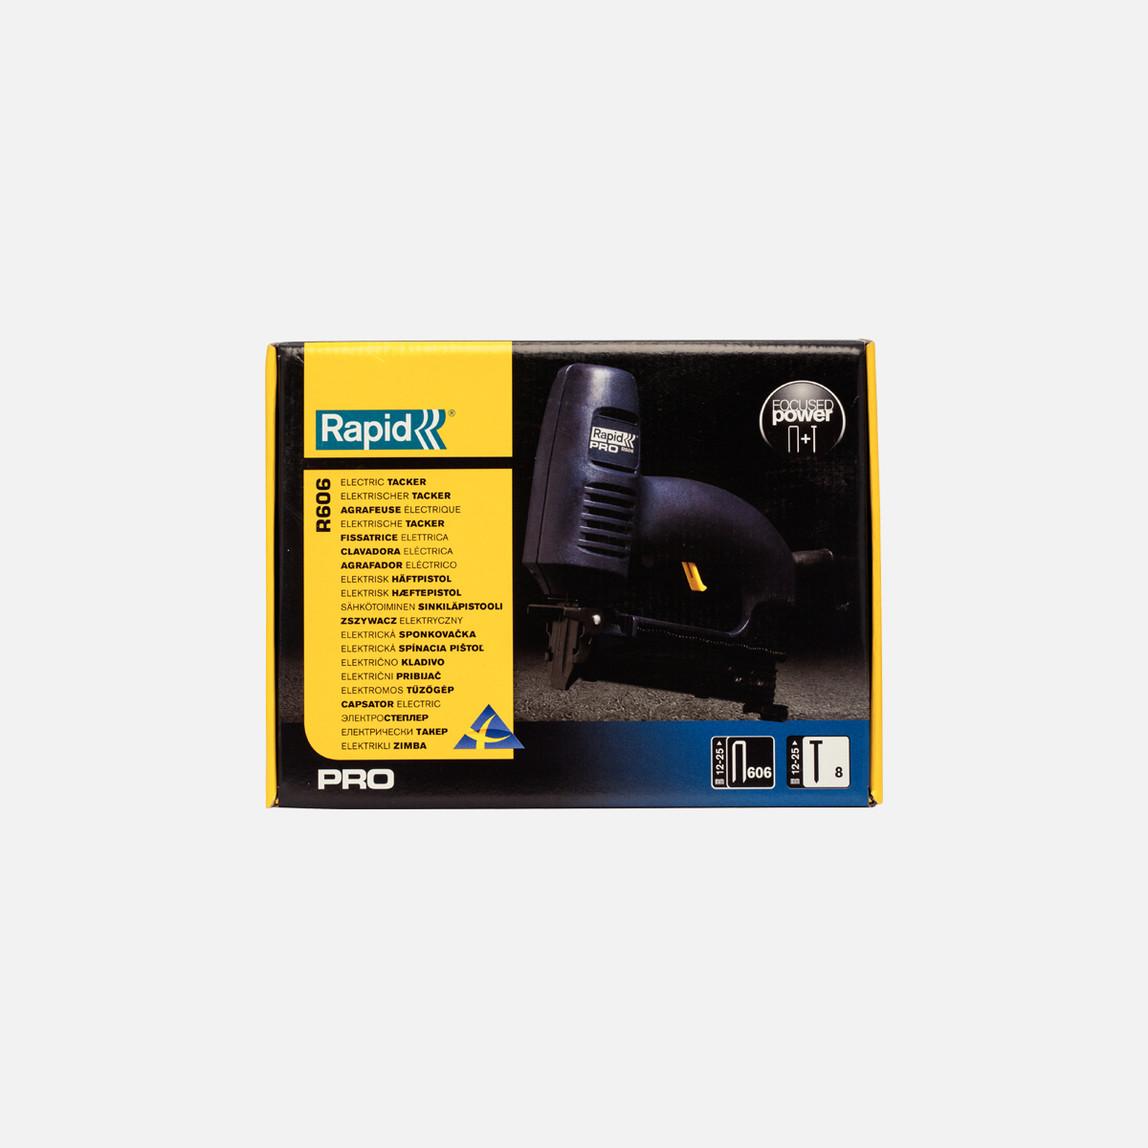 Elektirikli Zımba Teli ve Çivi Çakma Tabancası R606